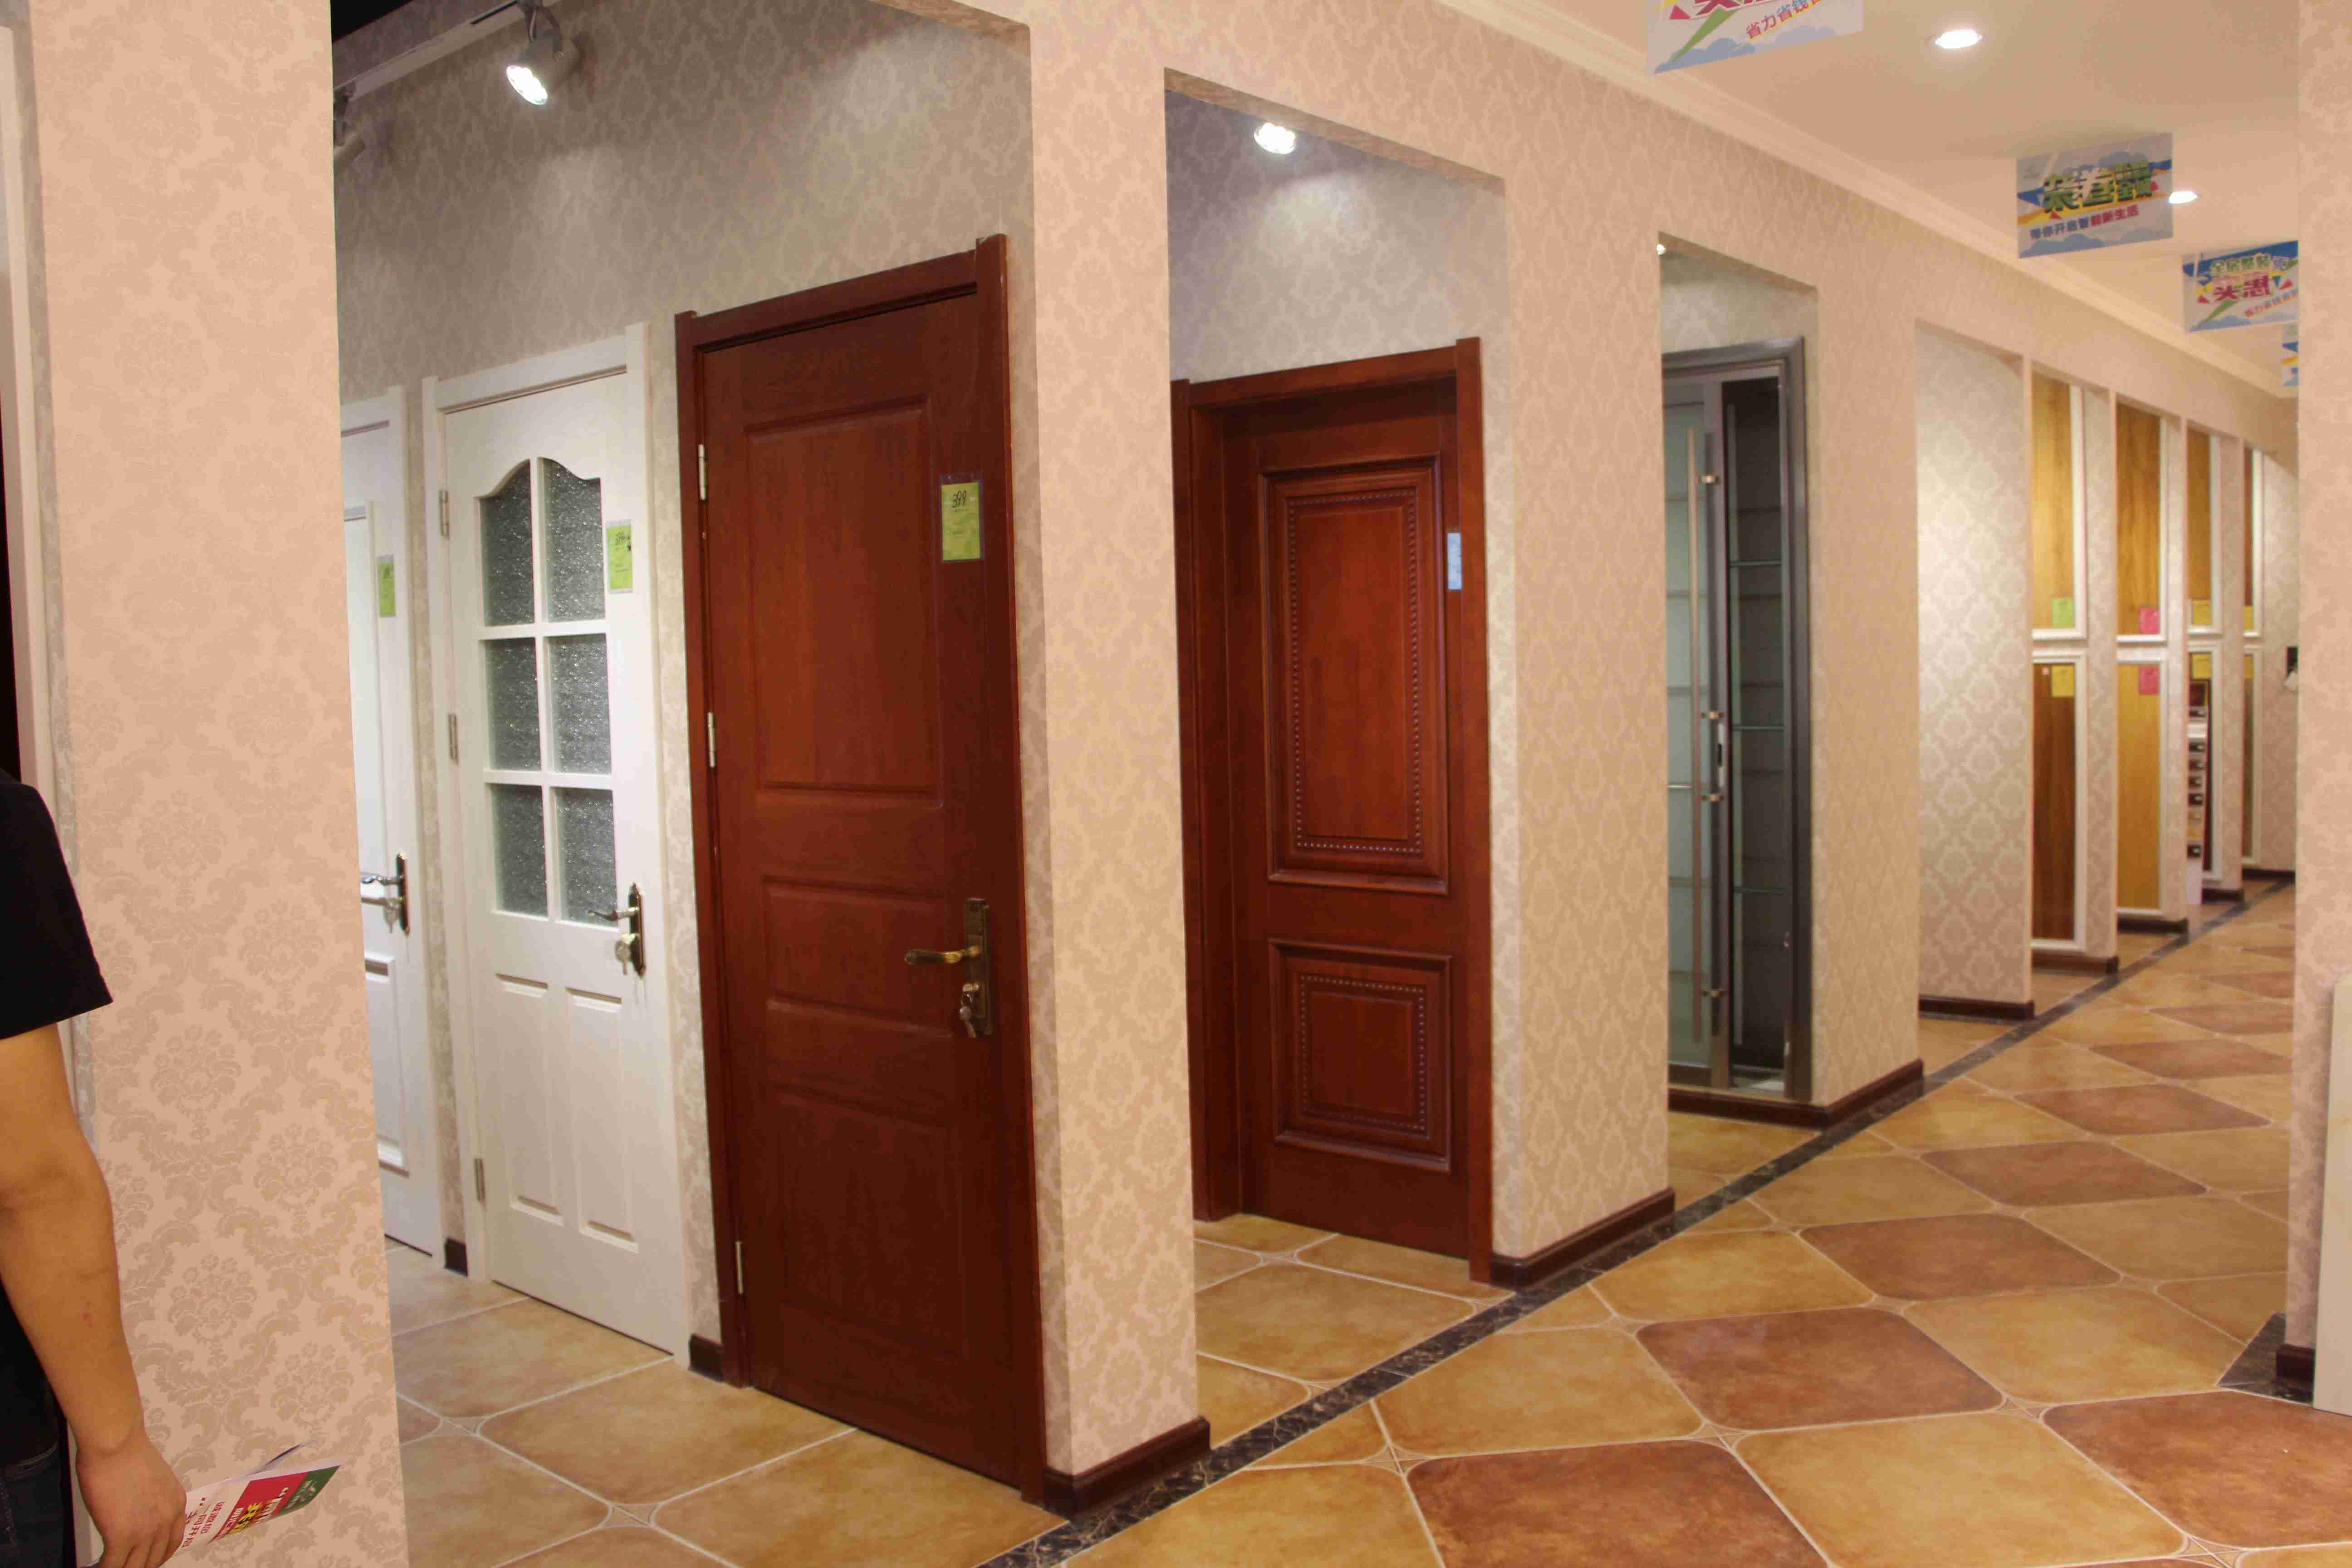 装修工艺流程一:开工交底后动工之前需要做的工作 1、敲击墙地面是否空鼓,如空鼓要求开发商铲除重做; 2、厨房、卫生间、阳台、露台做闭水实验,如漏水要督促开发商整改; 3、连接冷热水管,打开总阀并逐个打开堵头,看是否通水; 4、保护所有成品(如防盗门、可视电话门铃、成品厨卫、煤气表等等)保护; 5、仔细检查强弱电路是否通畅,地漏、下水是否通顺; 6、仔细查看墙体梁柱是否歪斜等等。 装修工艺流程二:改造打墙工艺 1、先用切割机将需拆除部分切割一下再打,不可使用大锤,以免震动太大影响到不拆除的墙面; 2、先用小